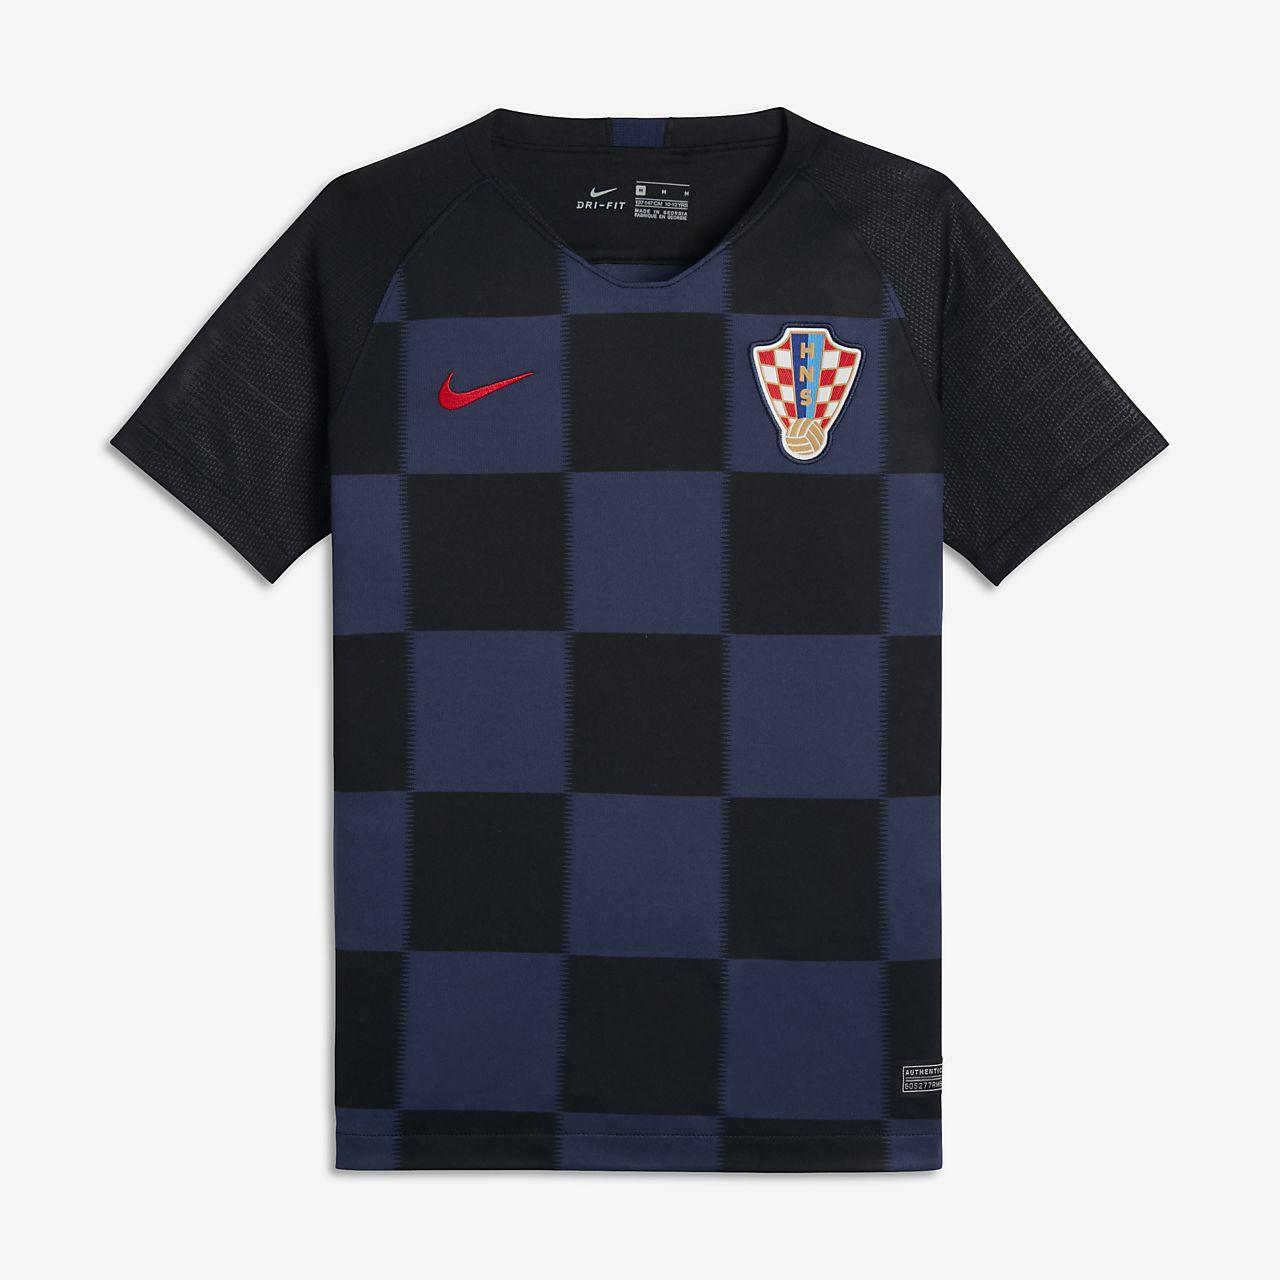 Kroatien jacke nike damen